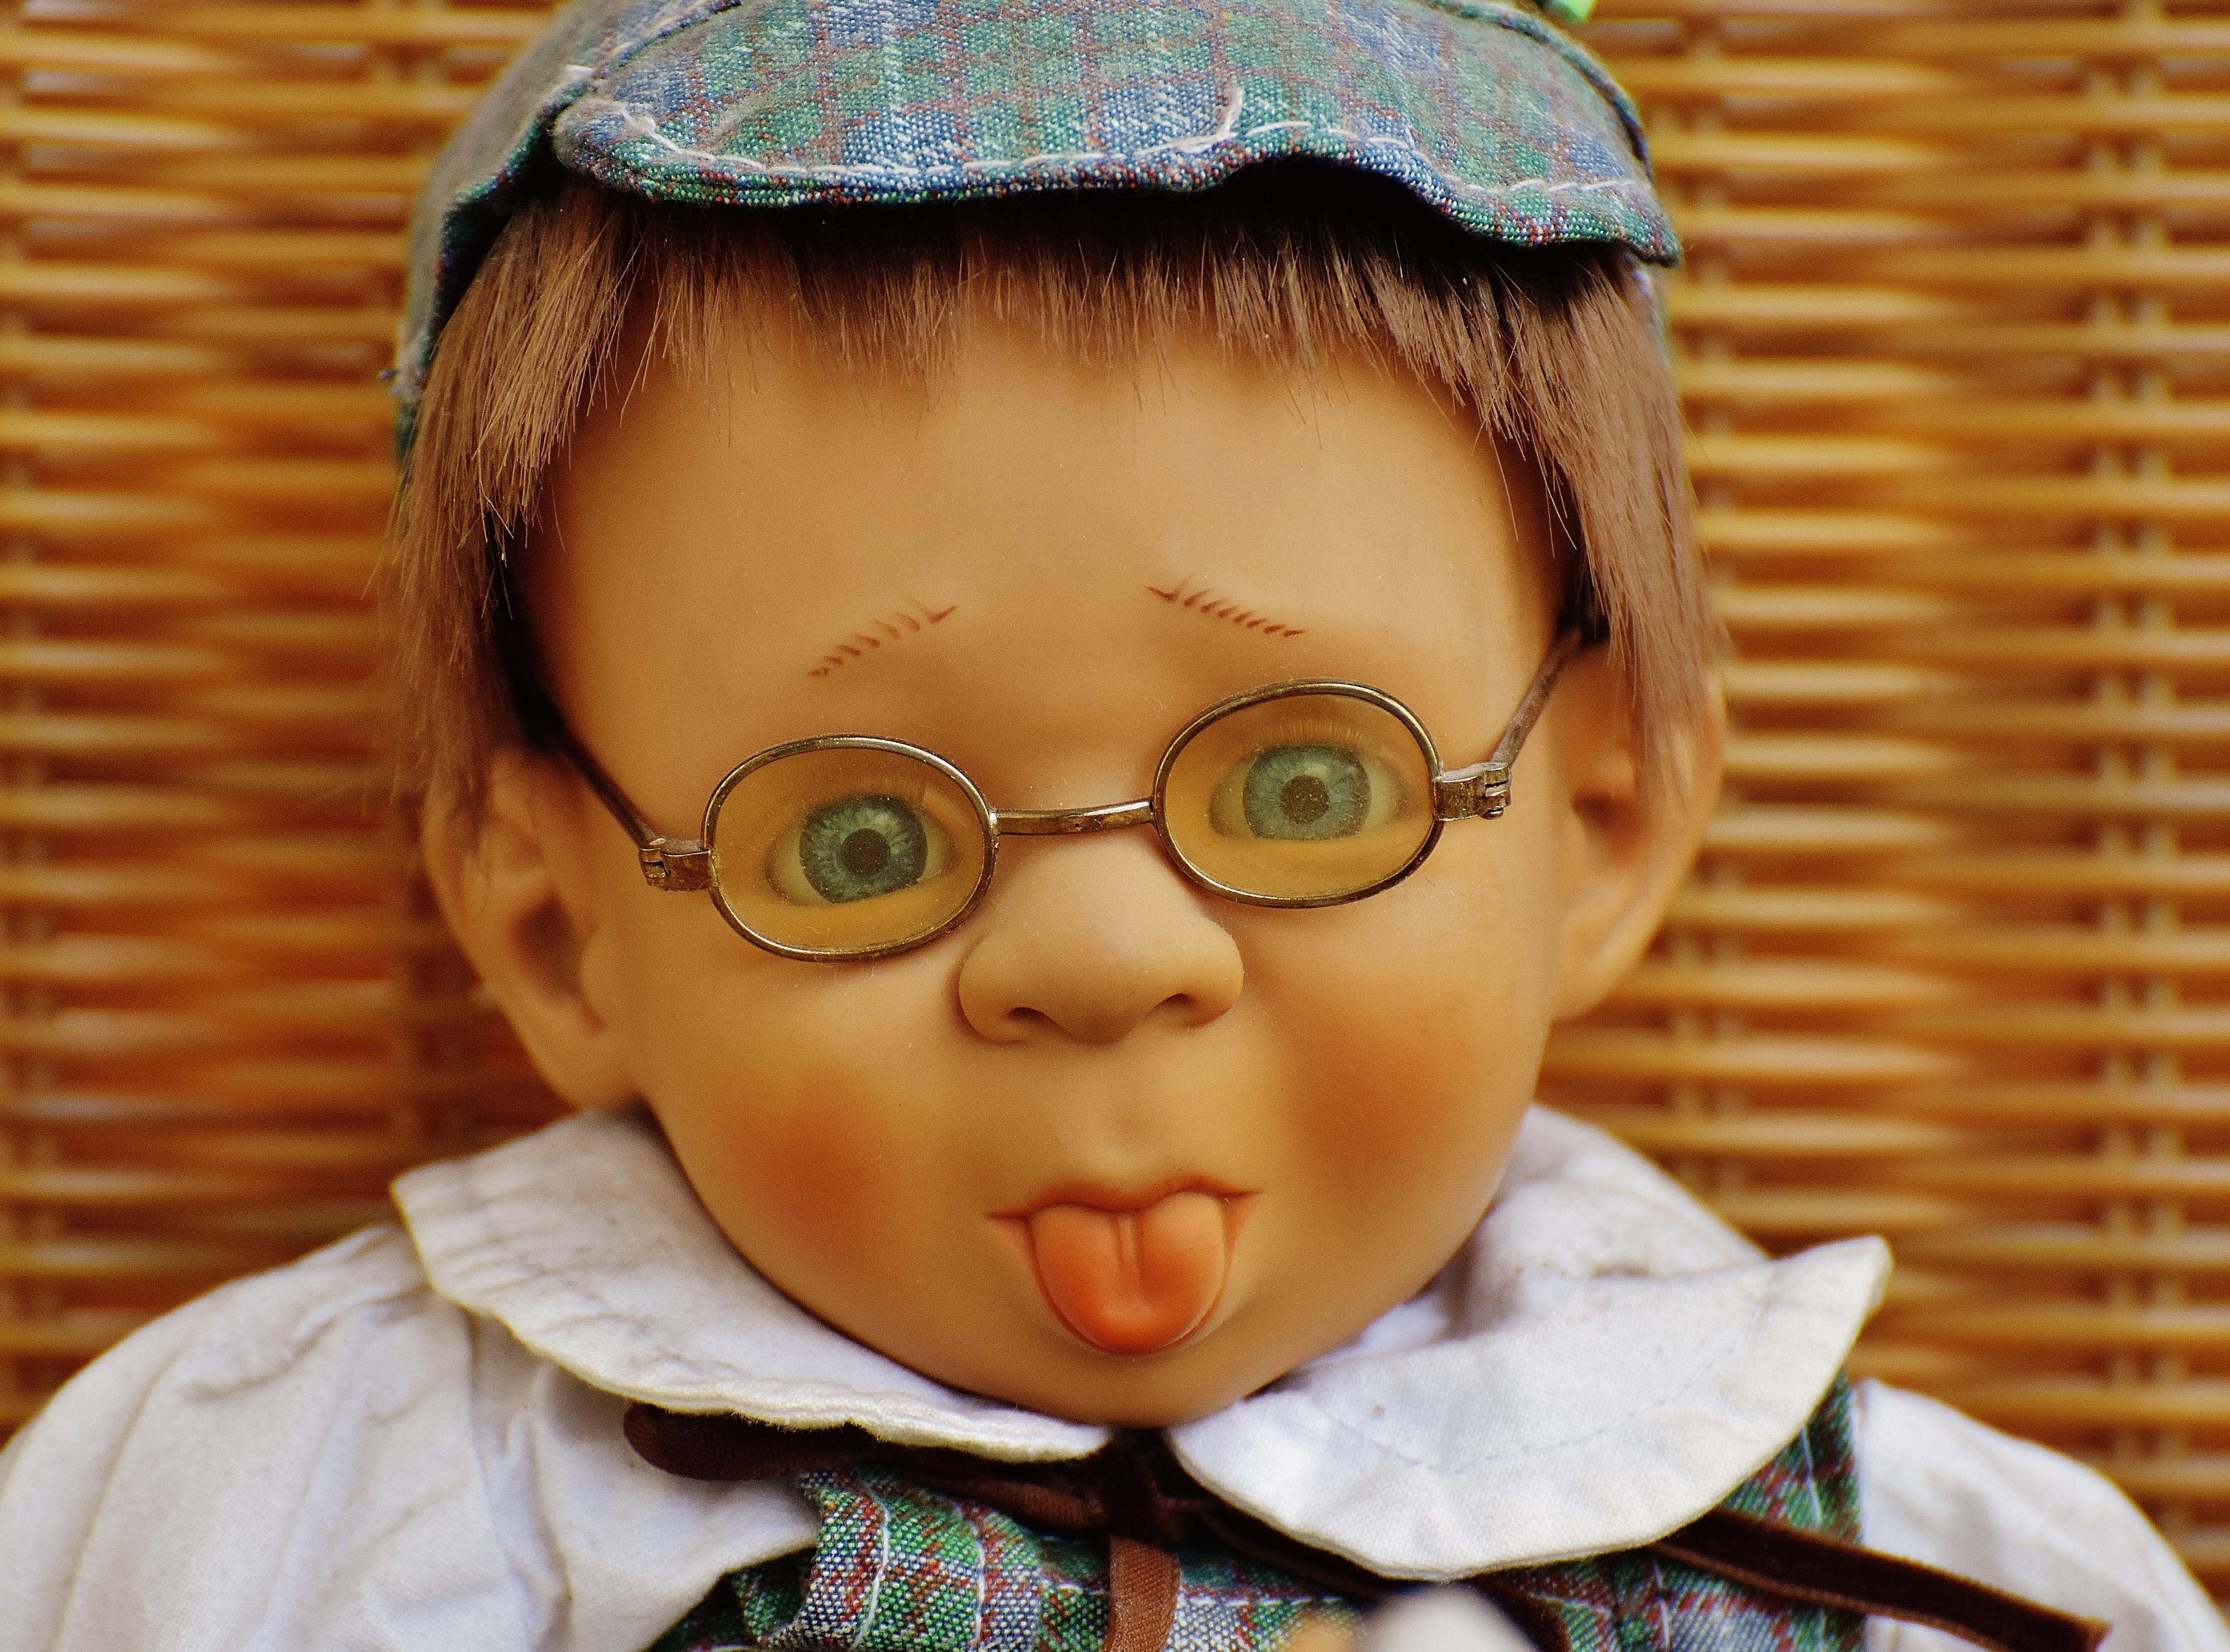 Kostenloses Stock Foto zu auge, baby, bezaubernd, brille